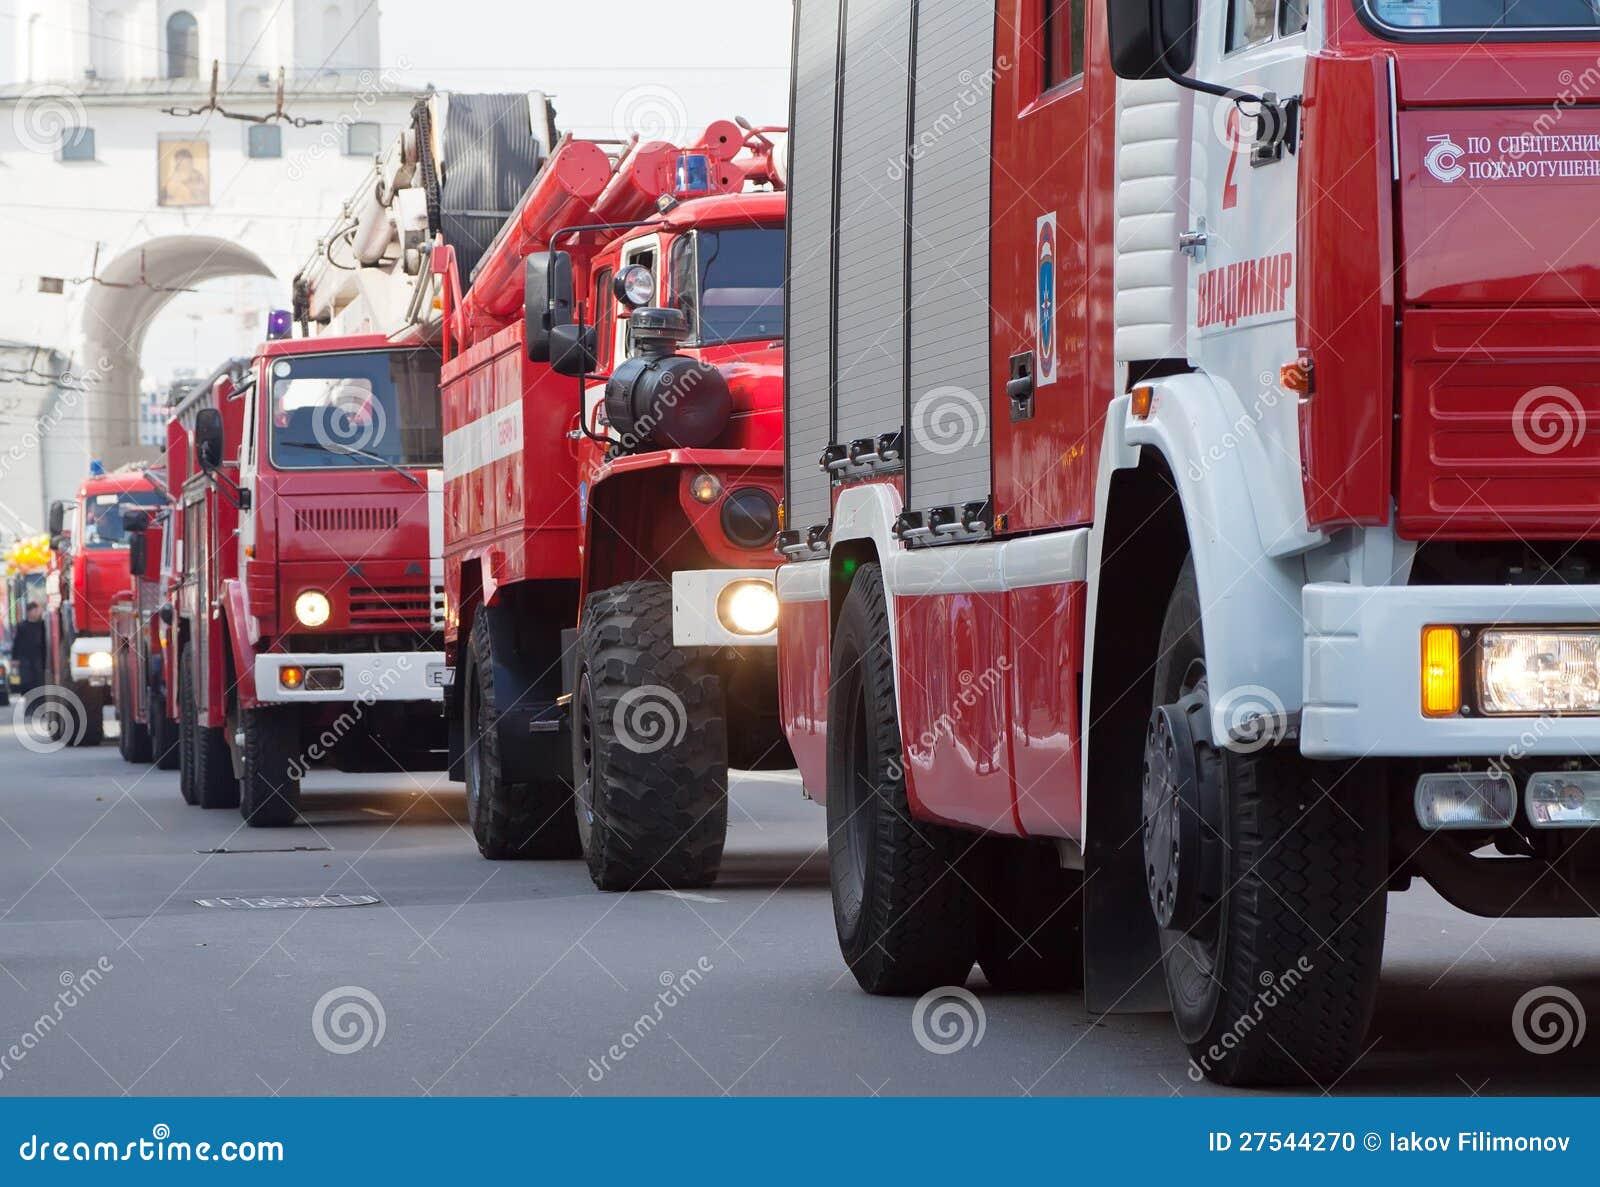 Можно ли парковаться на площадках для пожарных машин